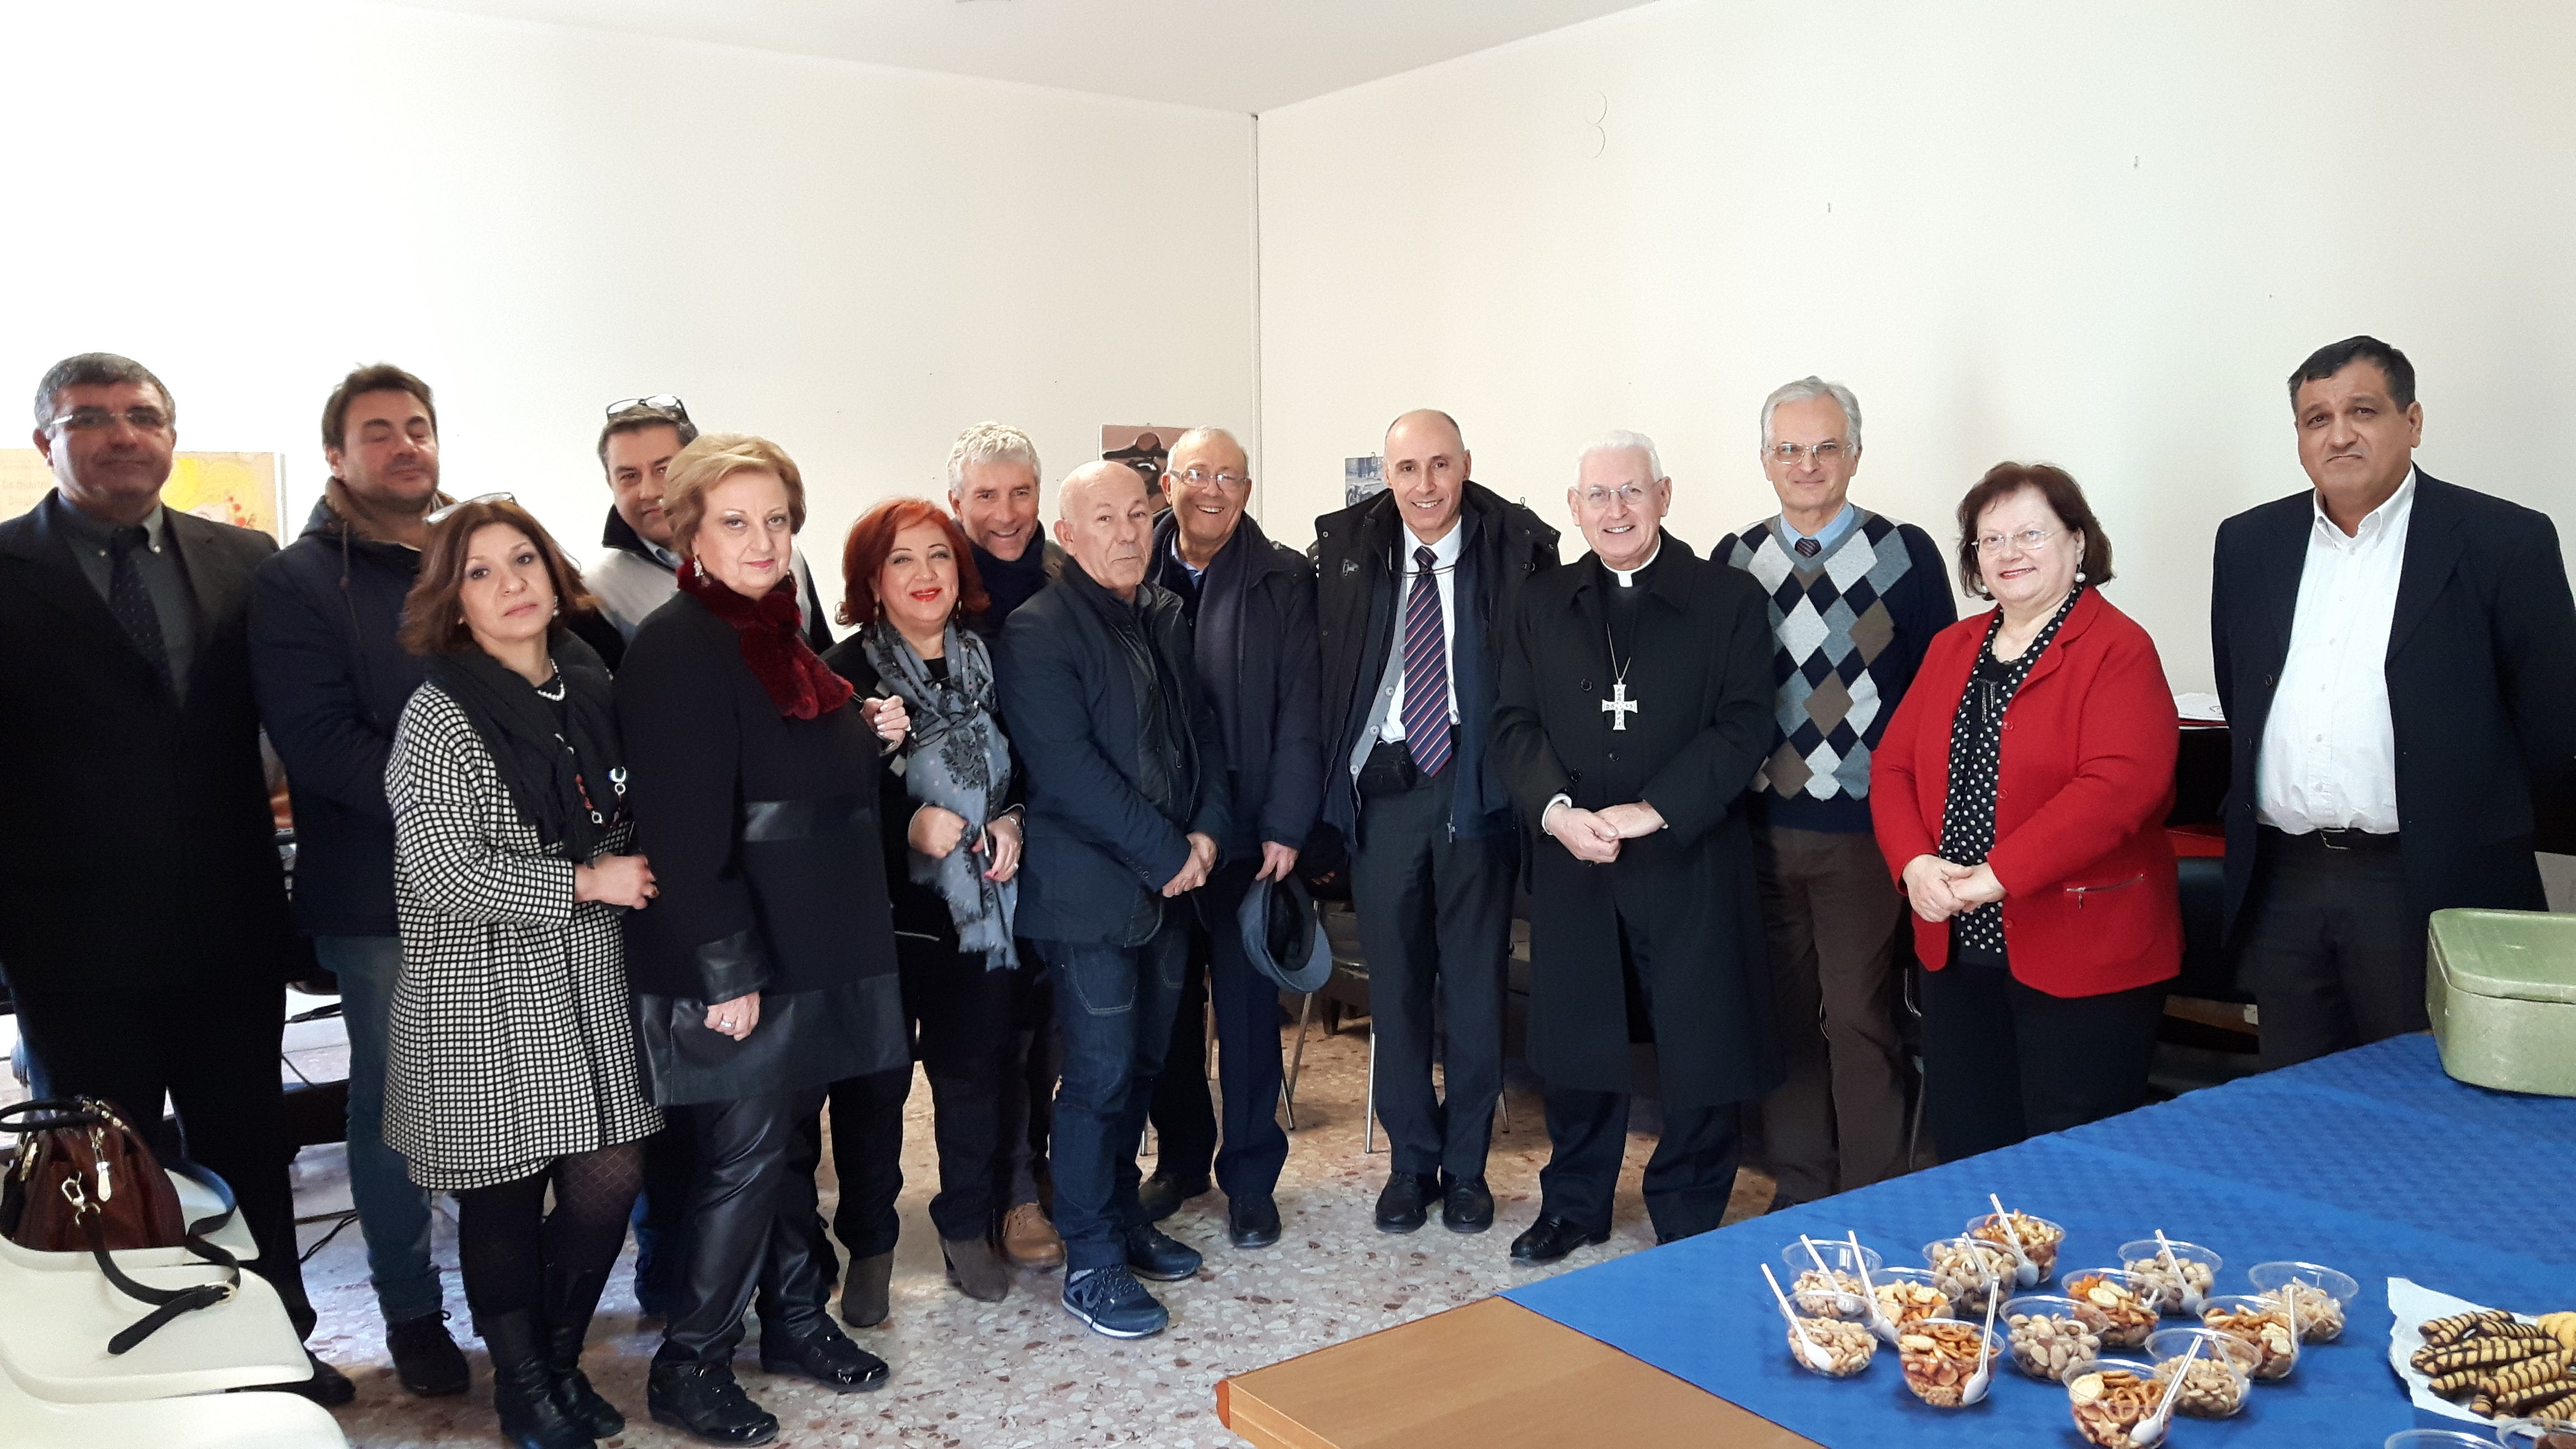 VISITA PASTORALE DELL'ARCIVESCOVO PAPPALARDO ALL'UFFICIO IGIENE DI SIRACUSA